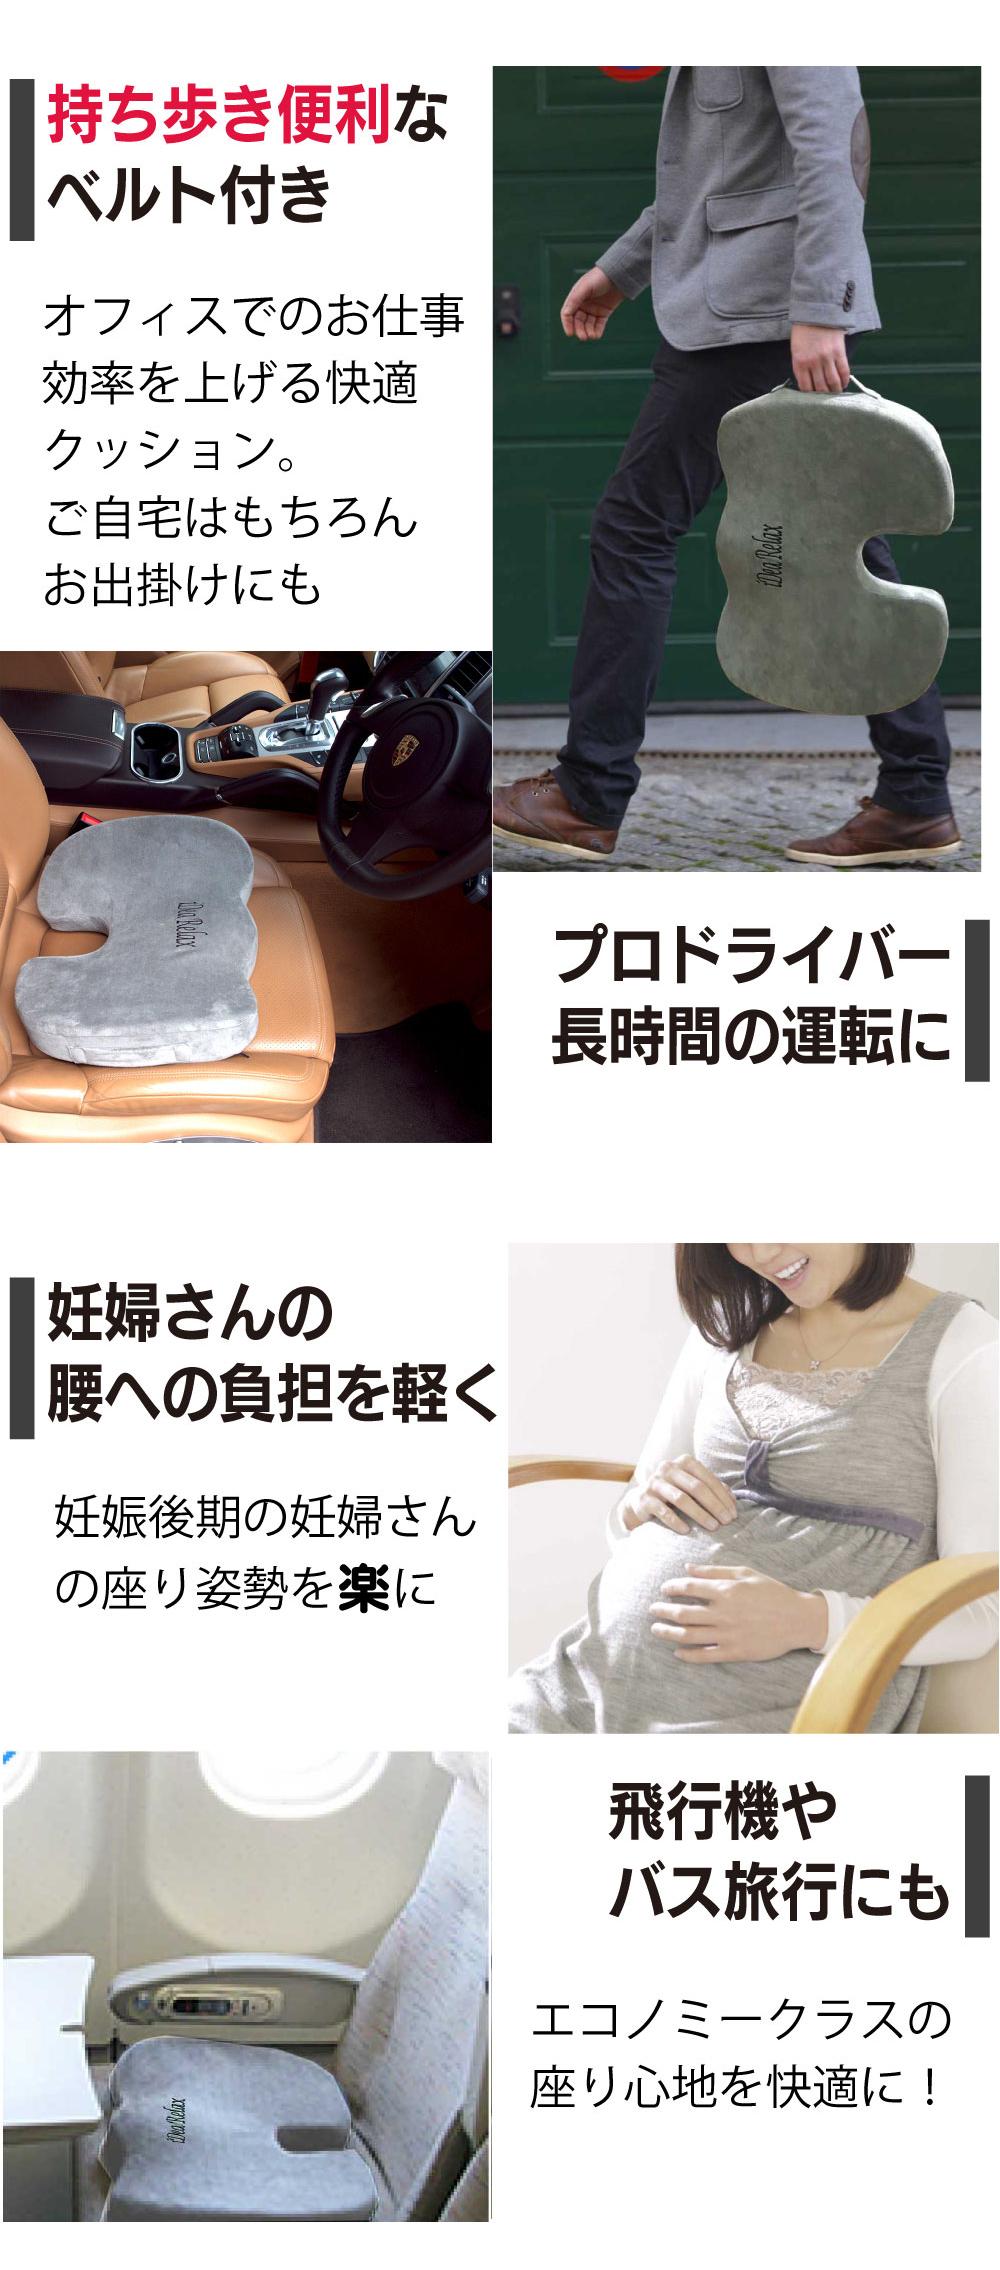 持ち歩き便利な取っ手付き。車、長期距離運転のプロドライバーや飛行機・バス旅行の座席や、妊婦さんのサポートに